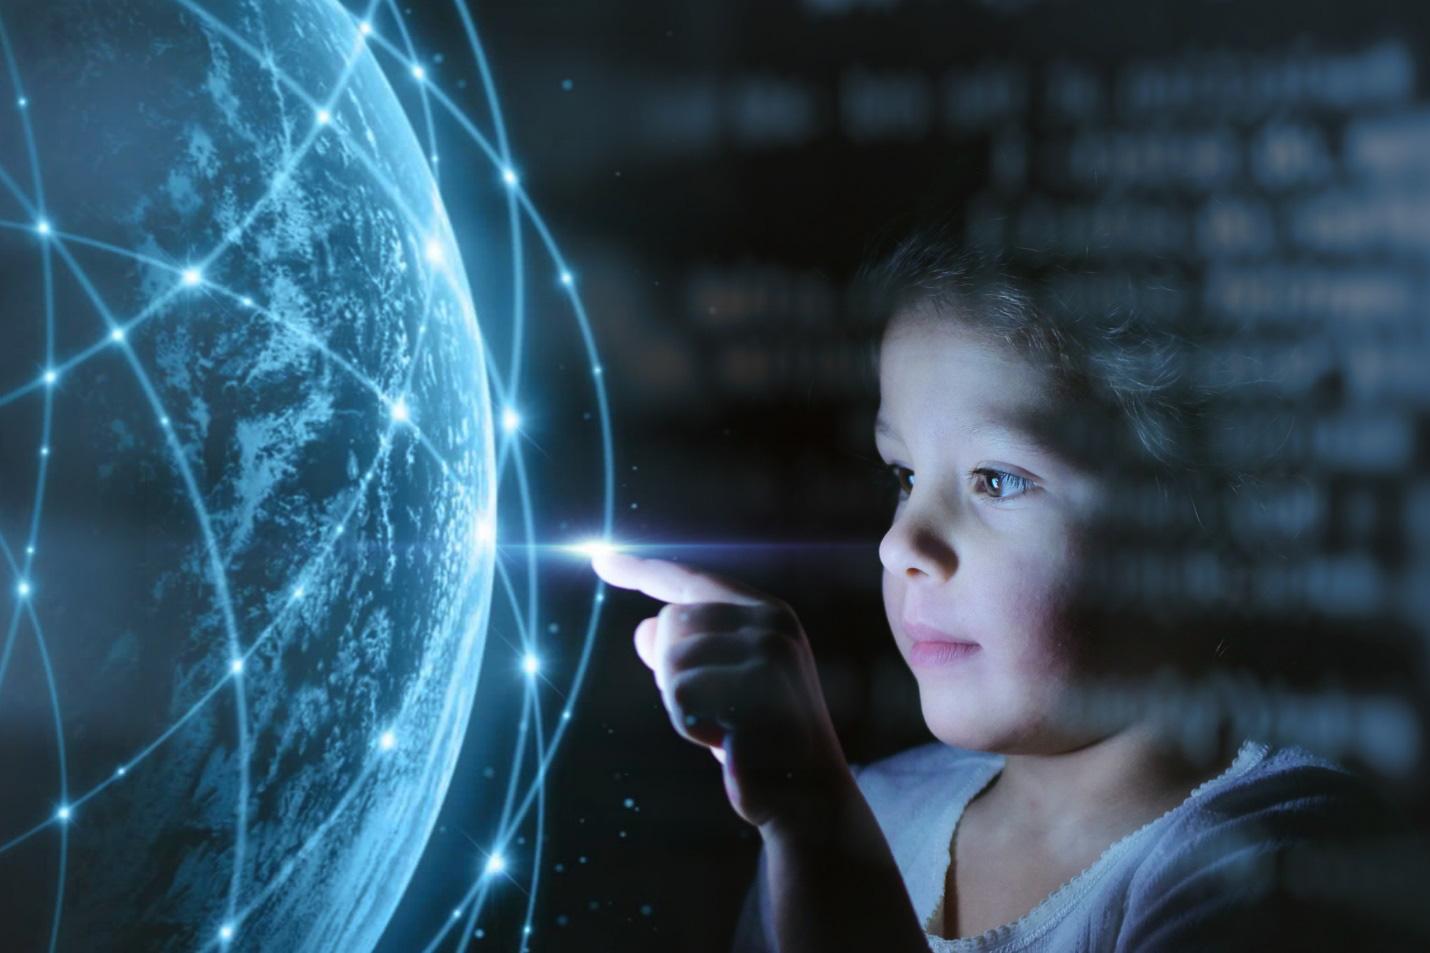 Học Toán thông minh giúp trẻ sẵn sàng cho tương lai - Ảnh 1.